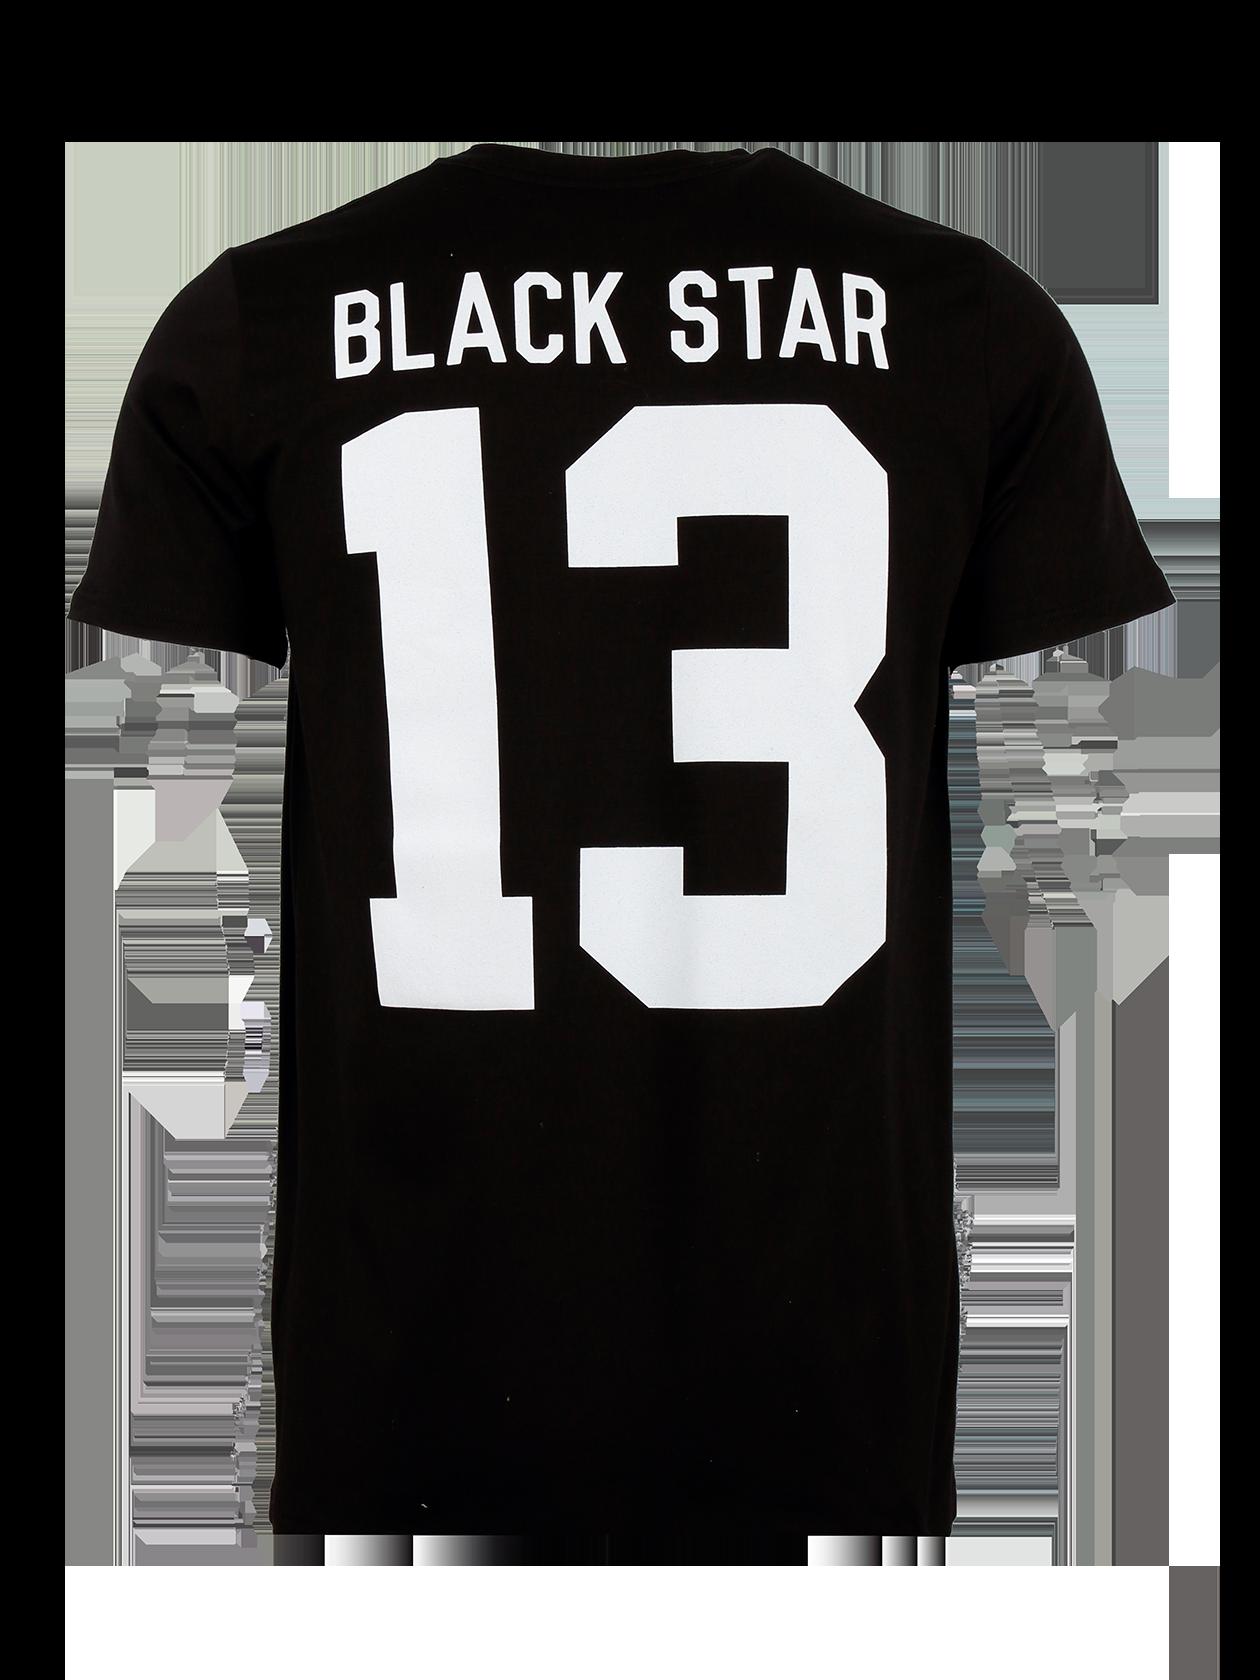 Футболка унисекс AnchorФутболка унисекс из коллекции Black Star Wear. Модель удлинённого прямого кроя с классическим рукавом и округлой горловиной. Выполнена из высококачественного бленда натурального хлопка (95%) и лайкры (5%), максимально приятного к телу. Доступна в чёрном, сером и белом цвете с контрастным принтом 13 на спине.<br><br>Размер: XS<br>Цвет: Черный<br>Пол: Мужской